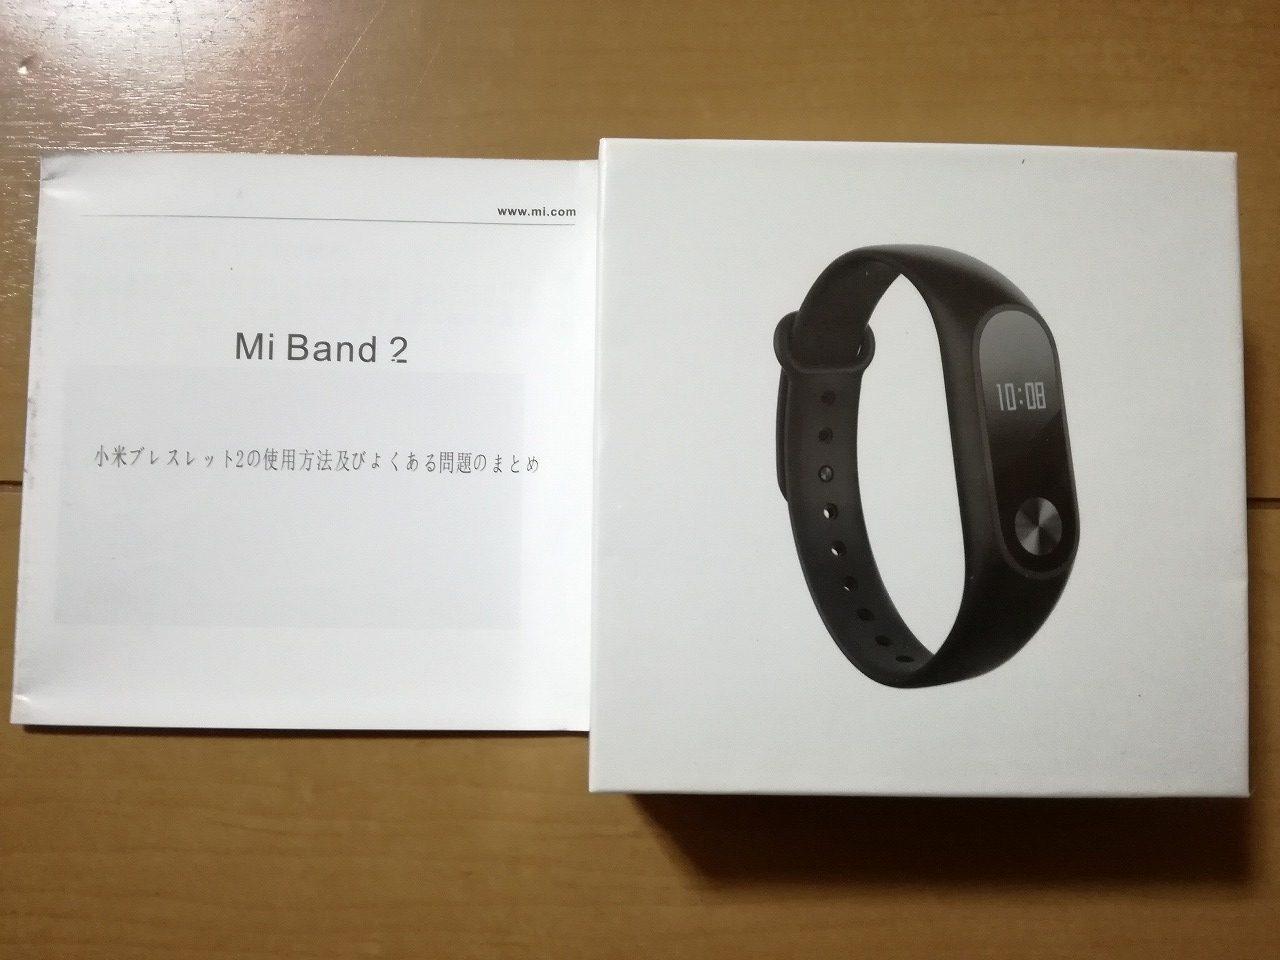 ミバンド2(miband2)にはランニング中のペース通知機能も用意されていた!